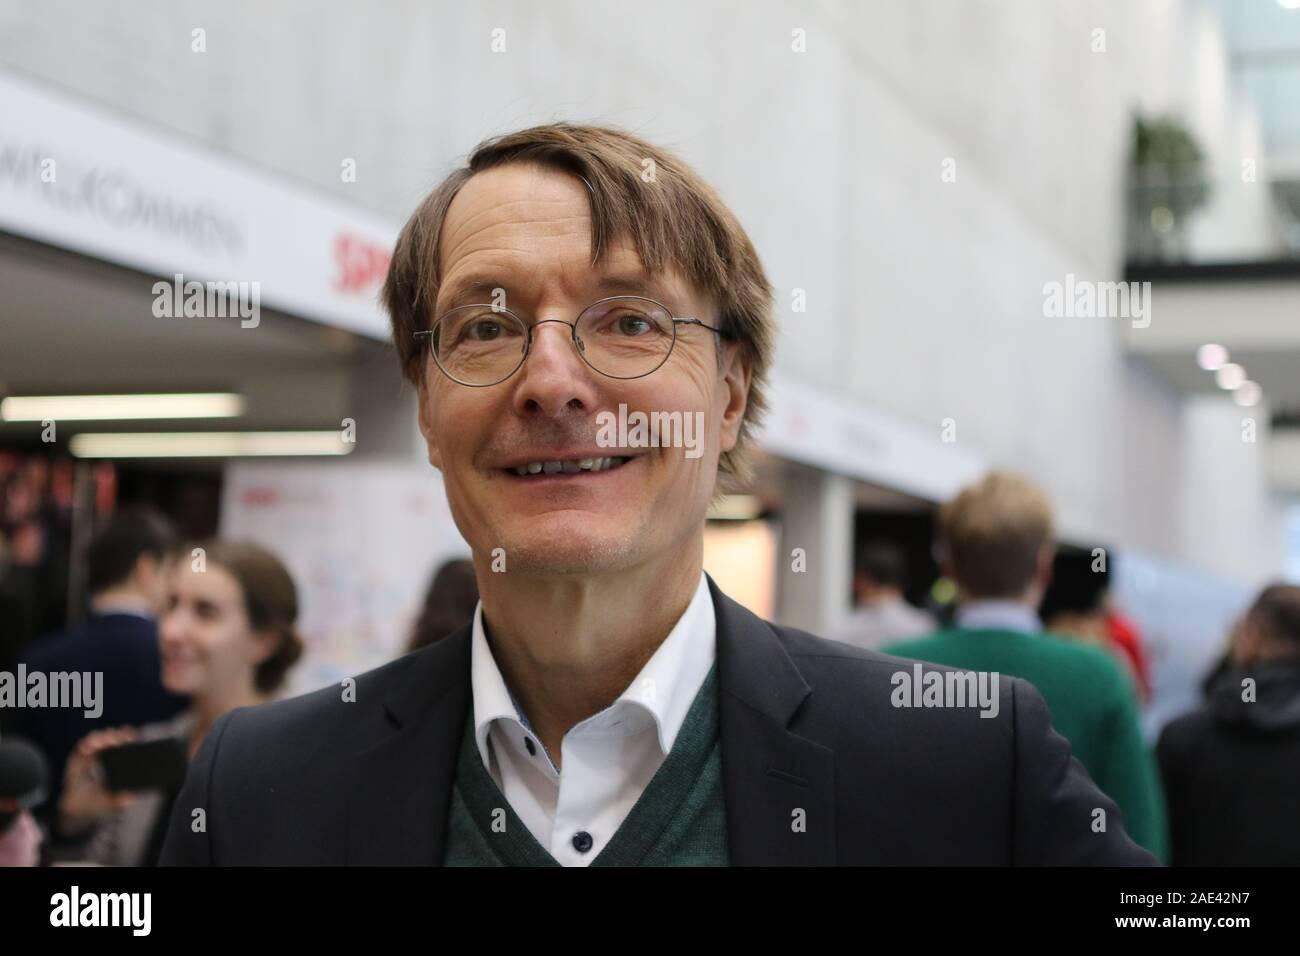 Karl Lauterbach Stockfotos Und Bilder Kaufen Alamy